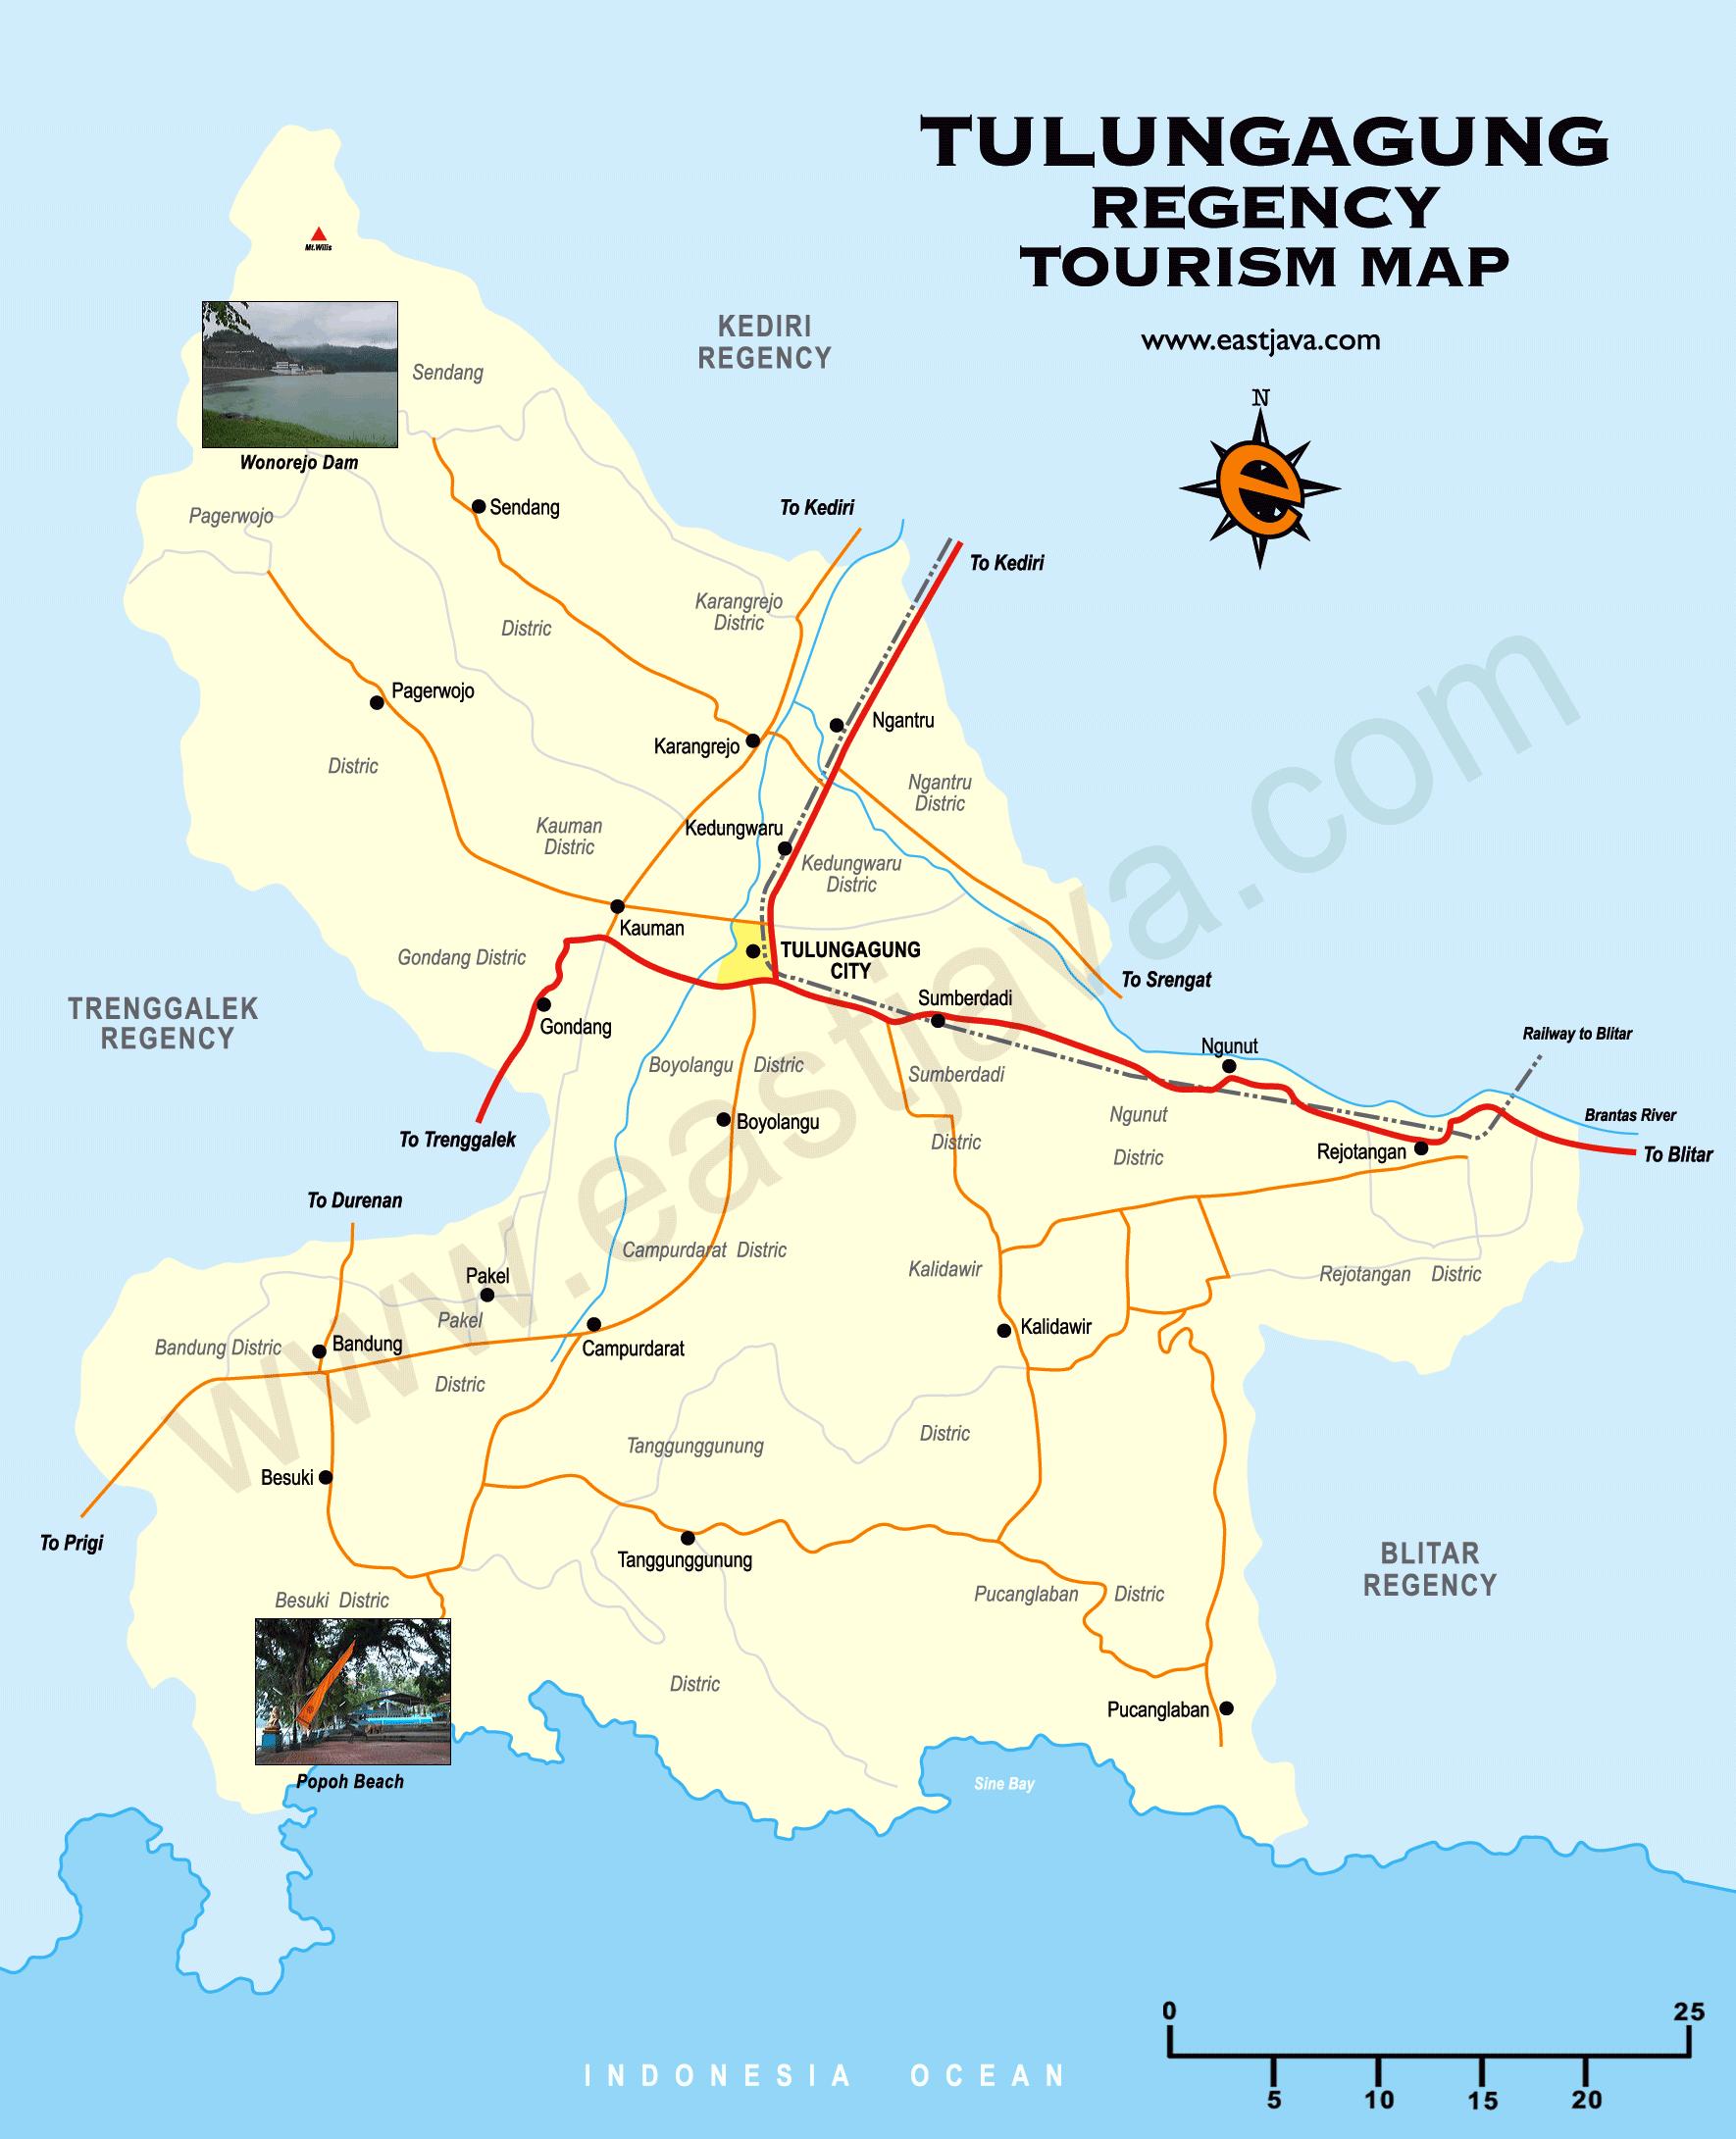 Peta Kabupaten Kota Tulungagung Wisata Google Map Candi Penampihan Kab